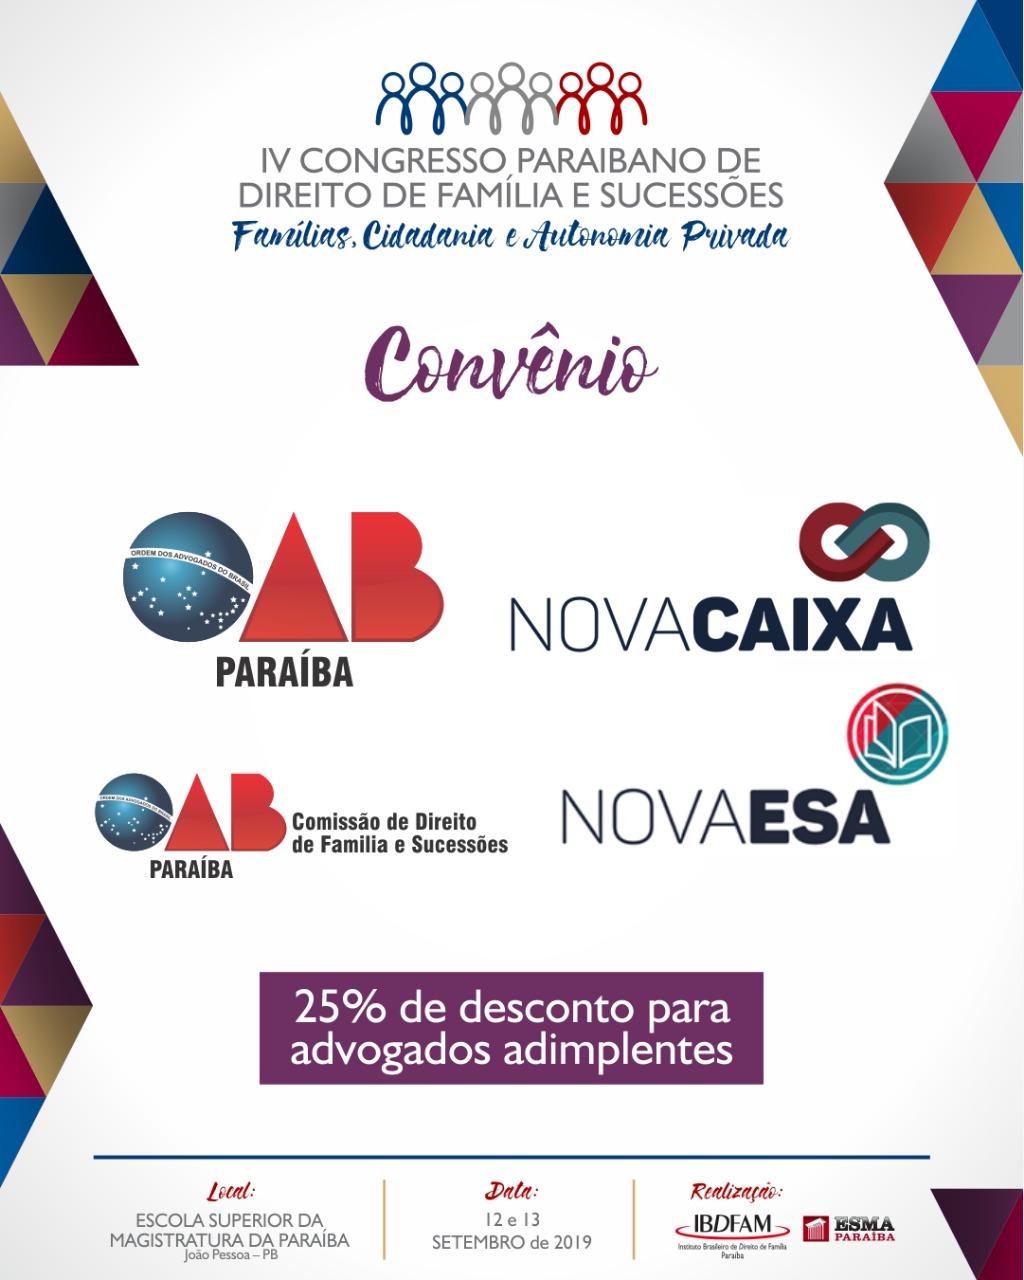 OAB-PB firma convênio com o IBDFAM e advogados terão desconto no IV Congresso Paraibano de Direito de Família e Sucessões